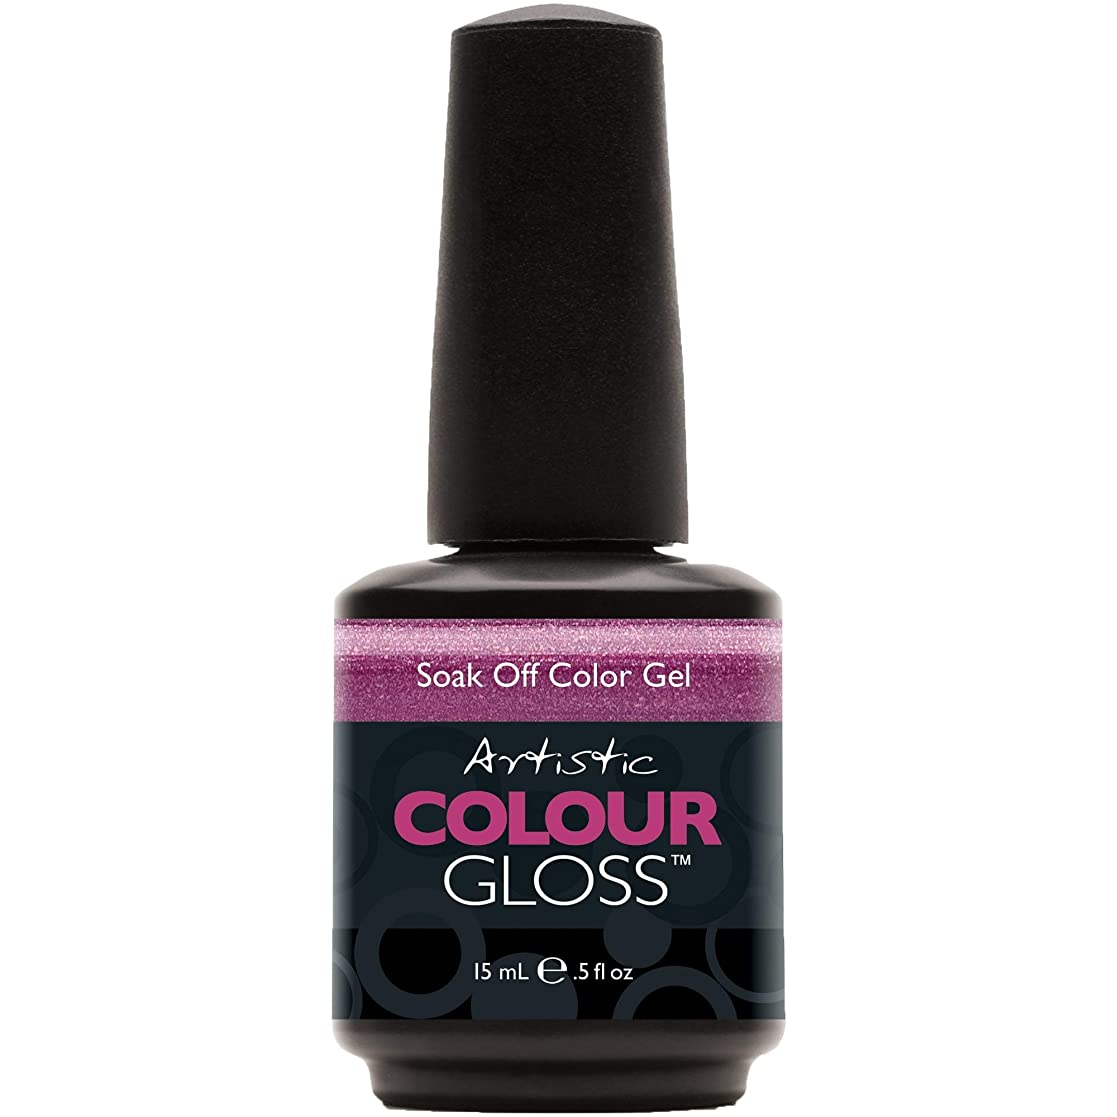 ストレスキャッシュ険しいArtistic Colour Gloss - Dashing - 0.5oz/15ml